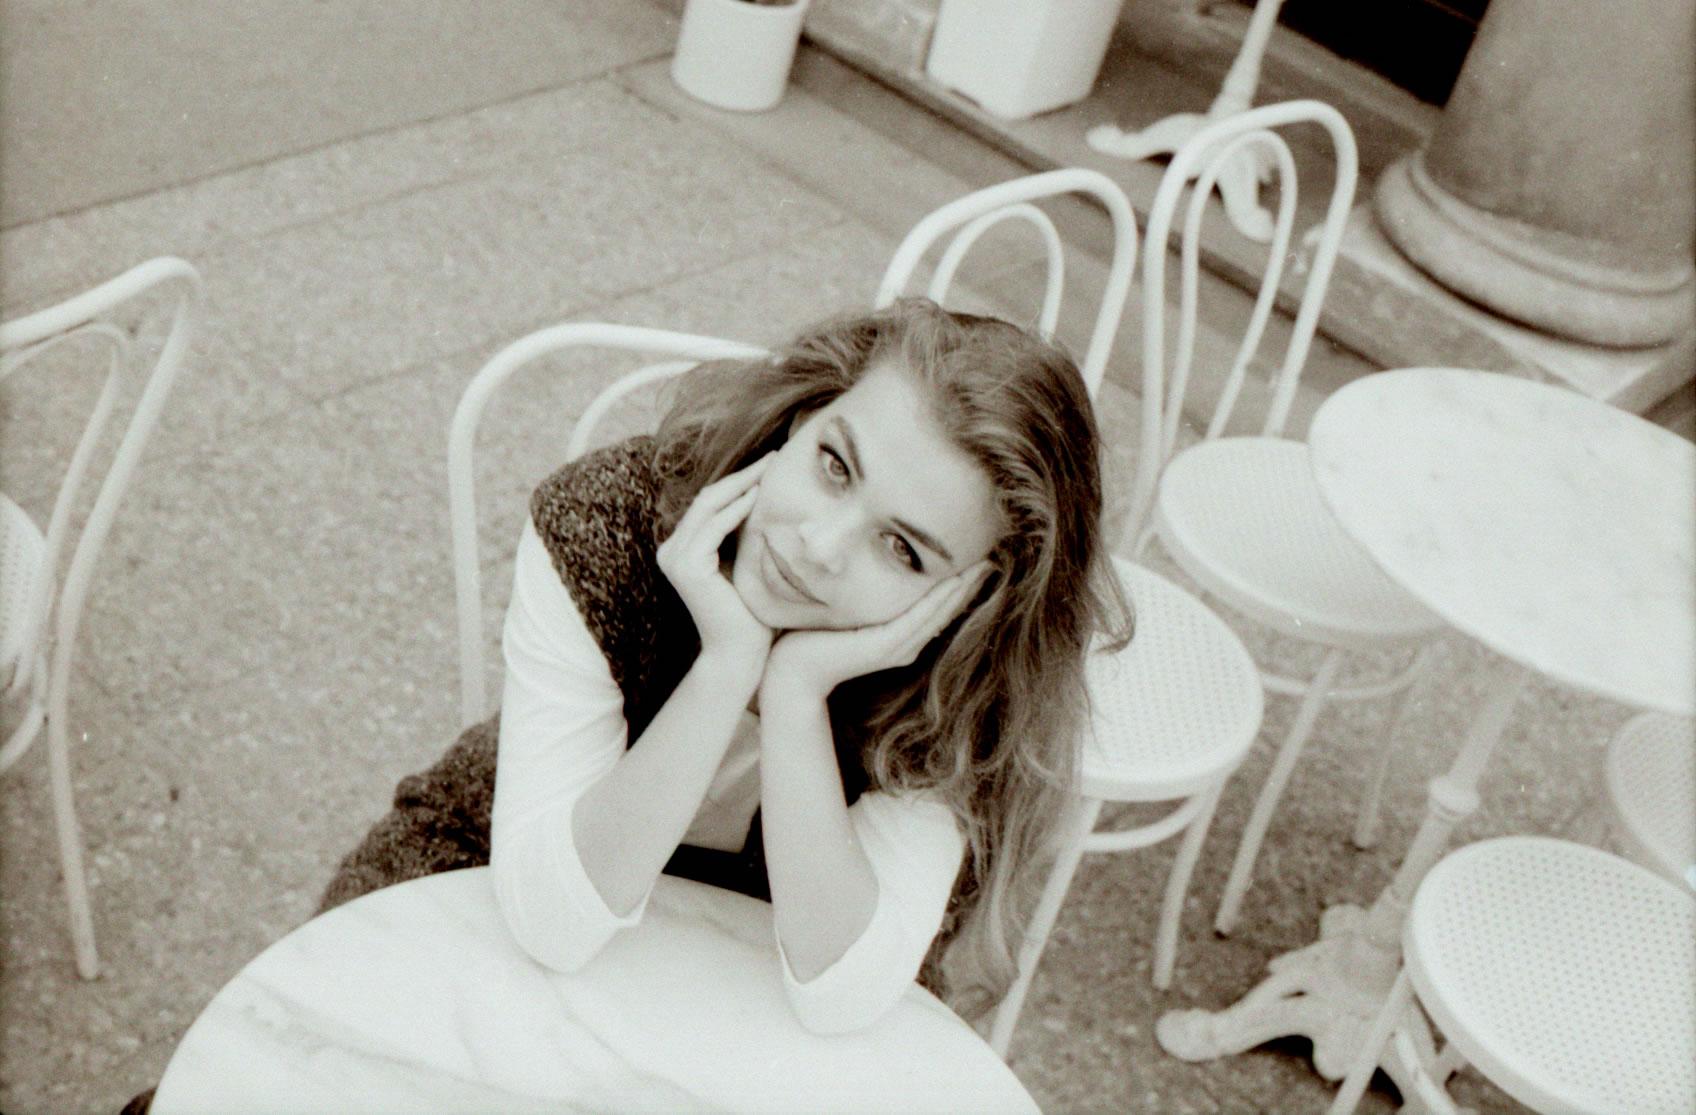 GIRL AT CAFE TABLE PRAGUE SMILES AT CAMERA